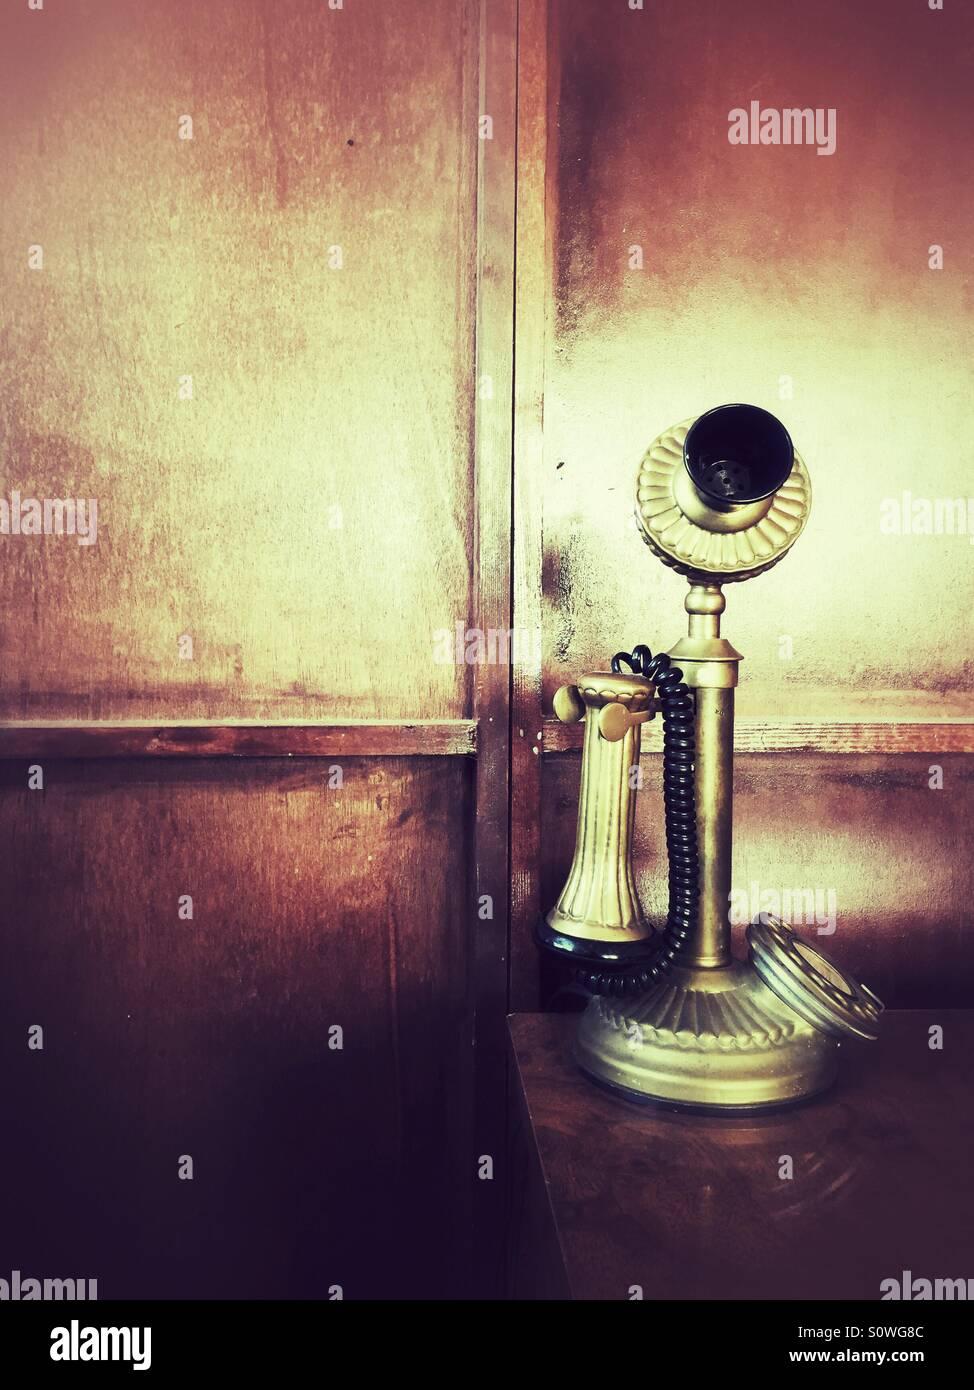 Teléfono antiguo Imagen De Stock